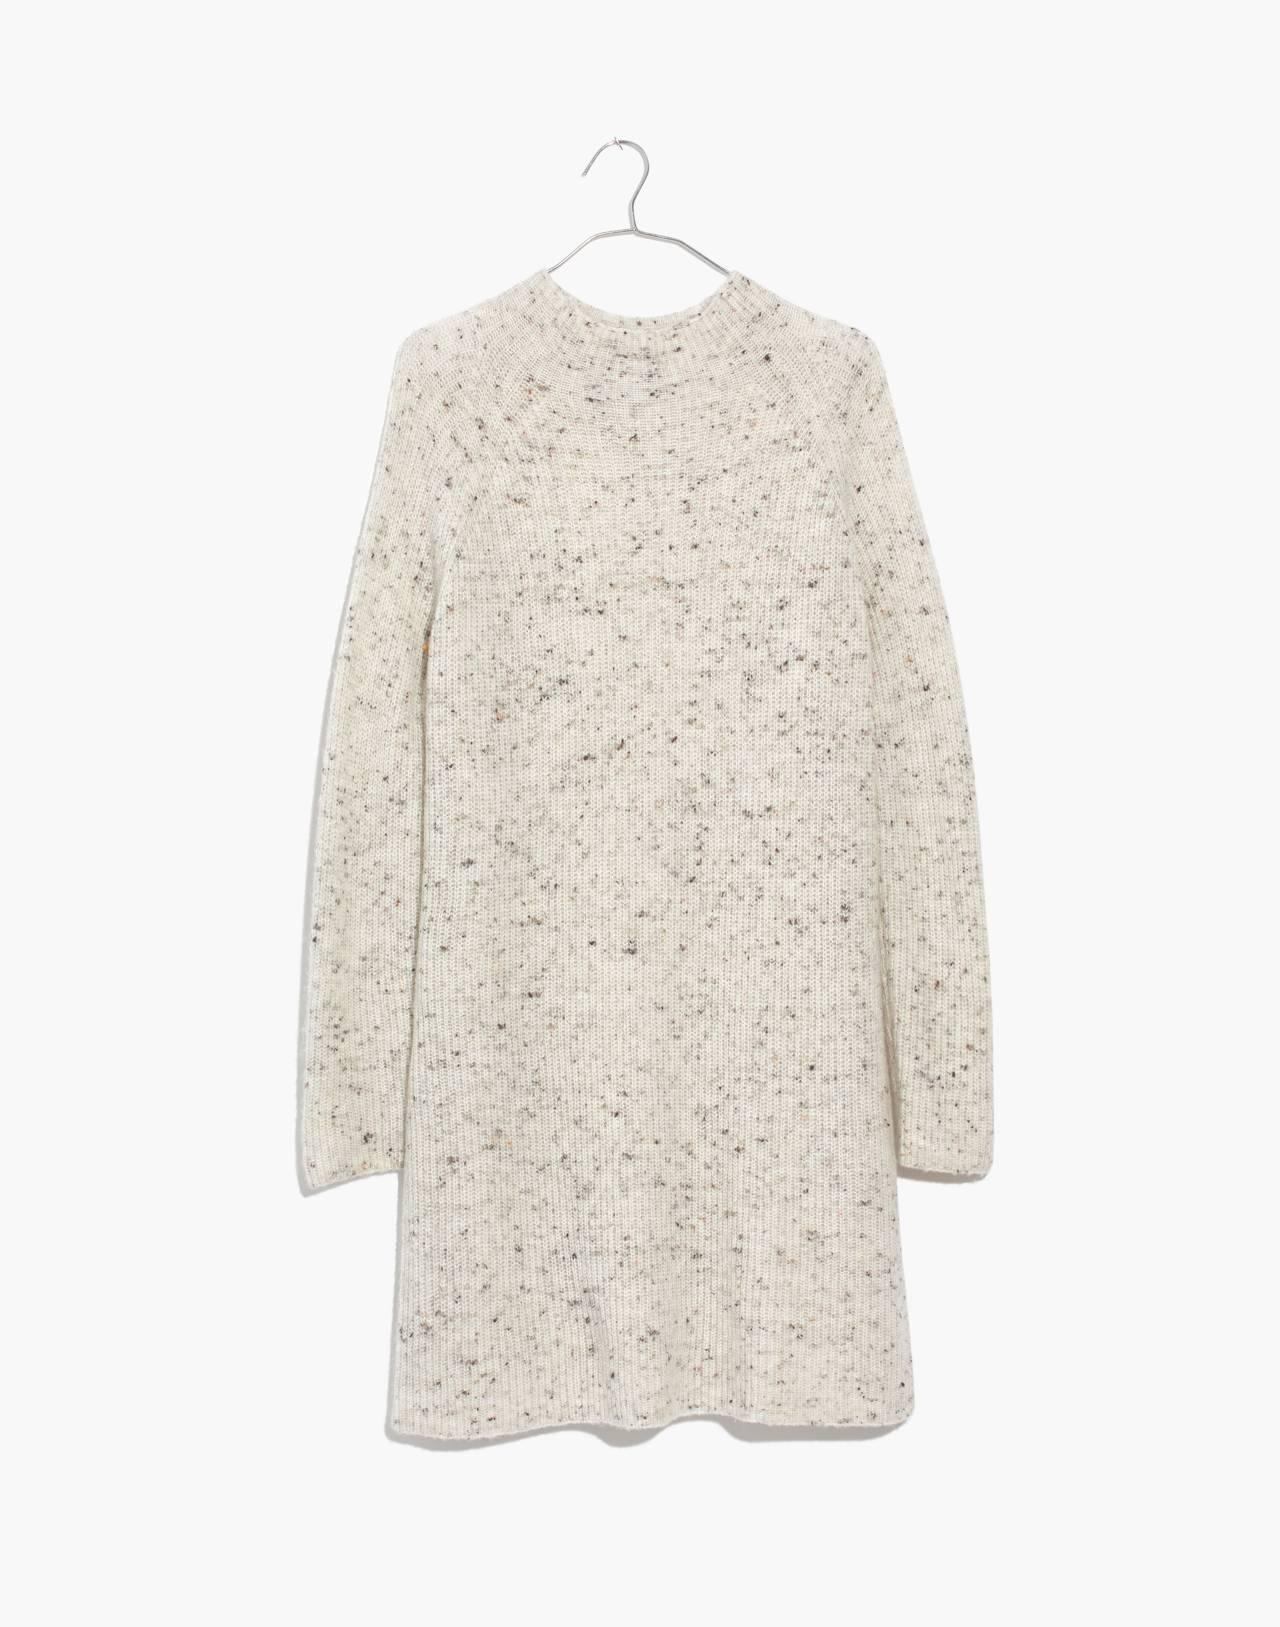 Donegal Northfield Mockneck Sweater-Dress in Coziest Yarn in donegal smoke image 4